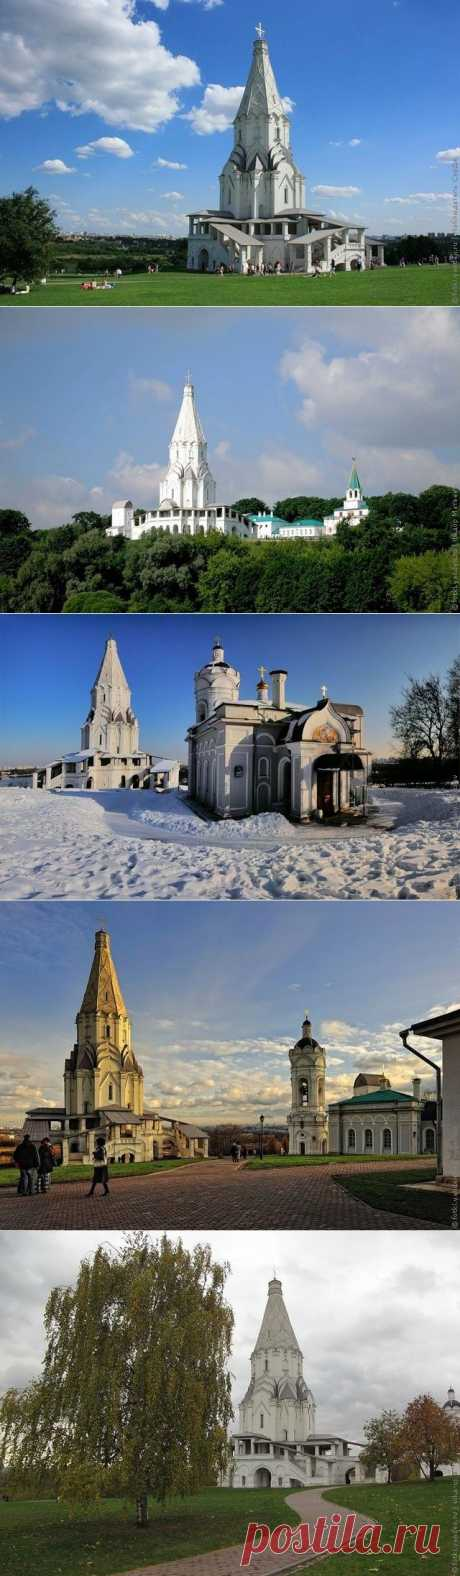 Церковь Вознесения Господня в Коломенском, Москва, фото церкви